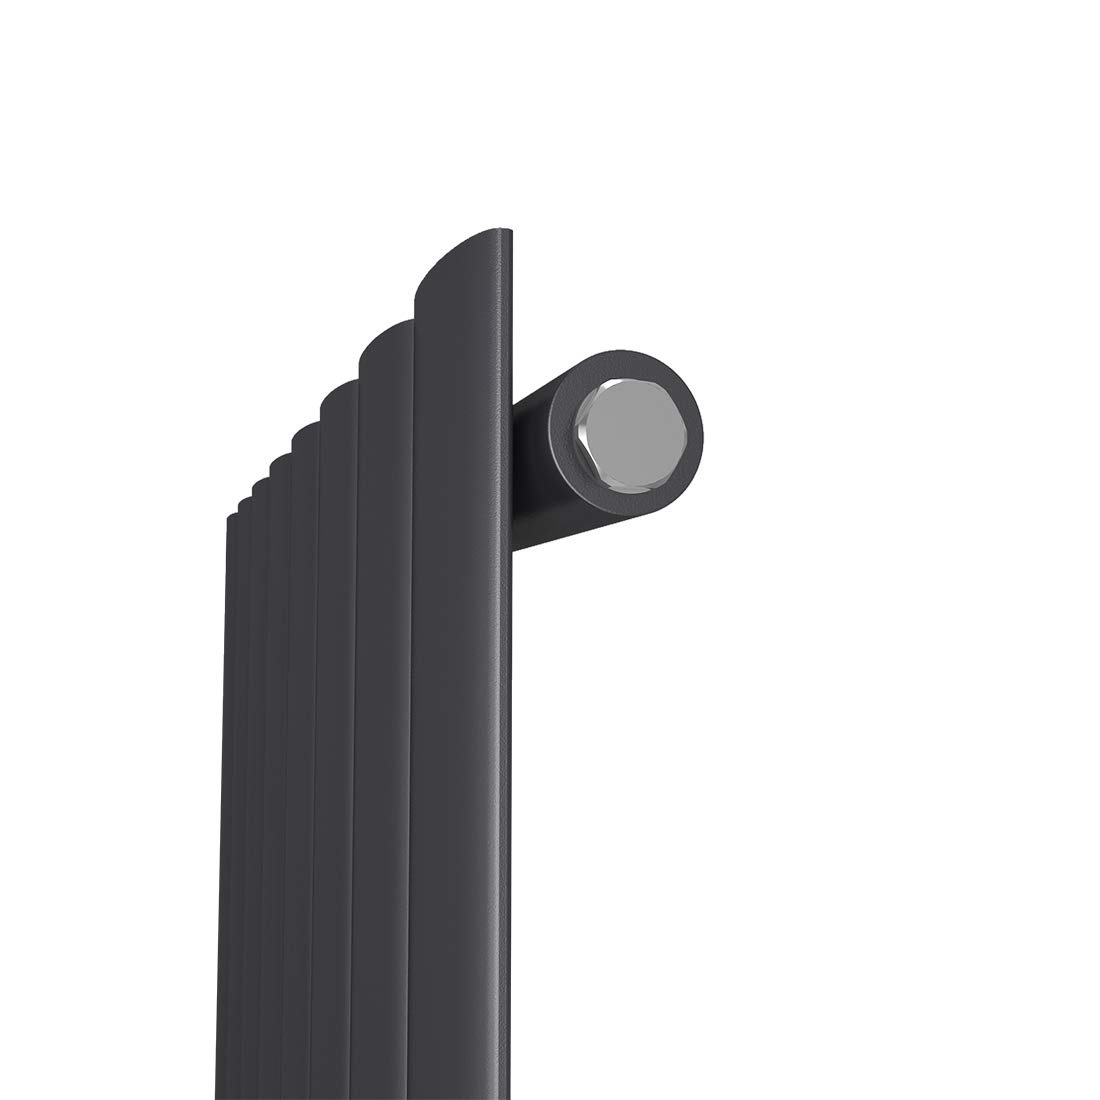 Vertikal Heizk/örper Design Paneelheizk/örper 1800x460mm Wei/ß Einlagig Mittelanschluss Heizung